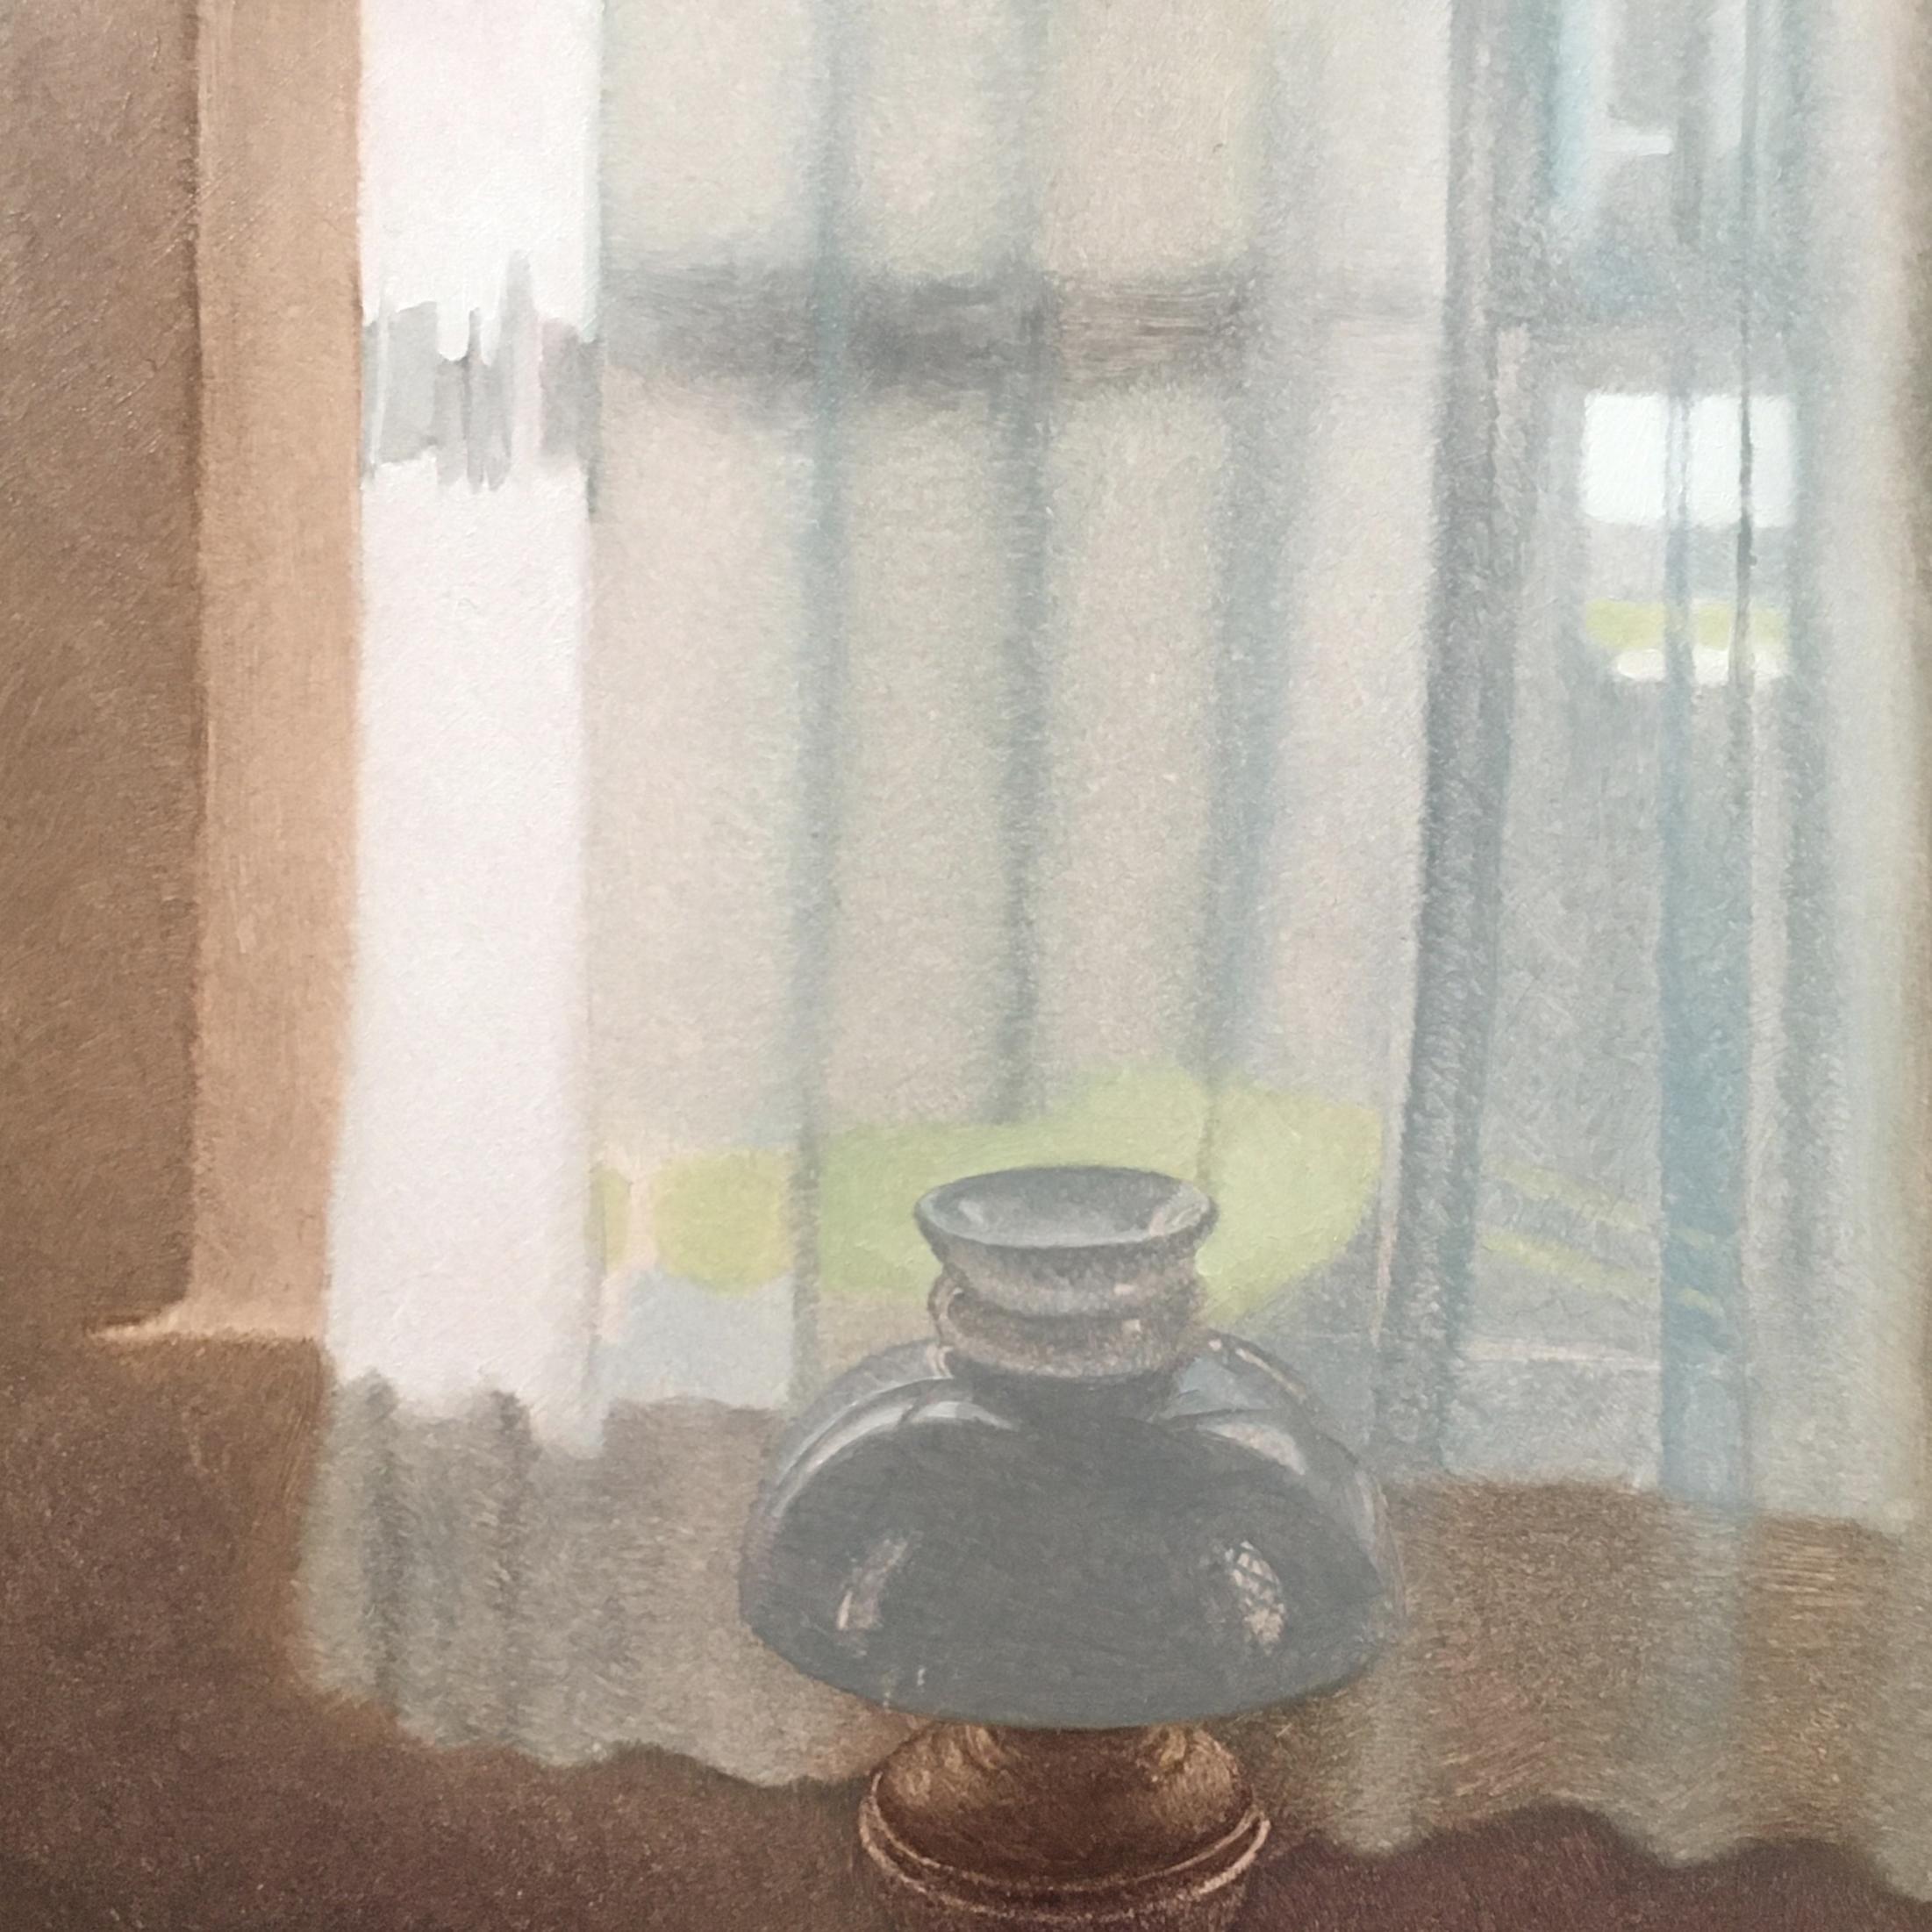 Baumgarten Lamp by Window Study 2019